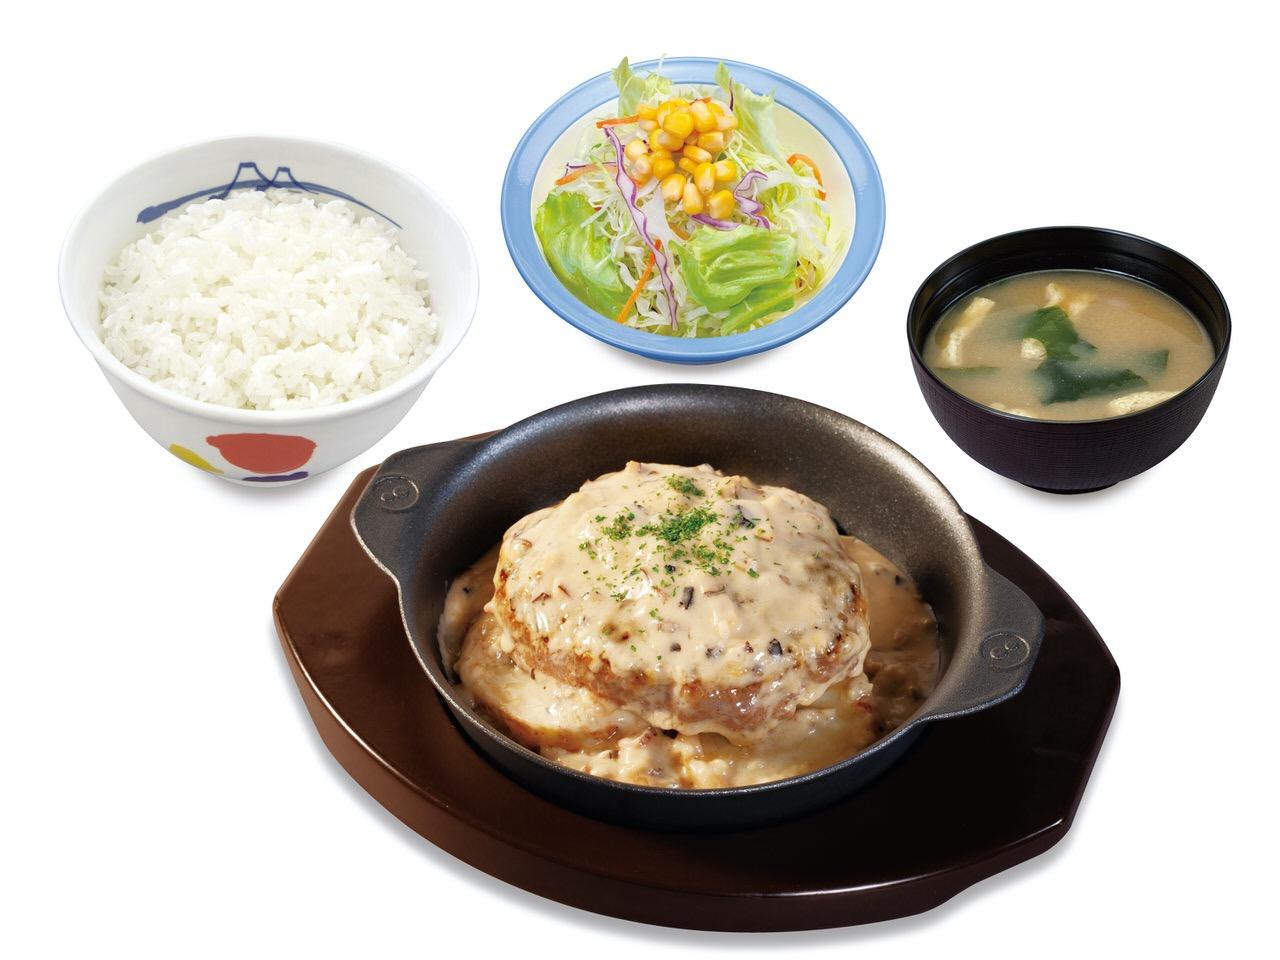 【松屋】たっぷりの黒トリュフソースをかけた「黒トリュフソースのビーフハンバーグ定食」10月27日より発売開始